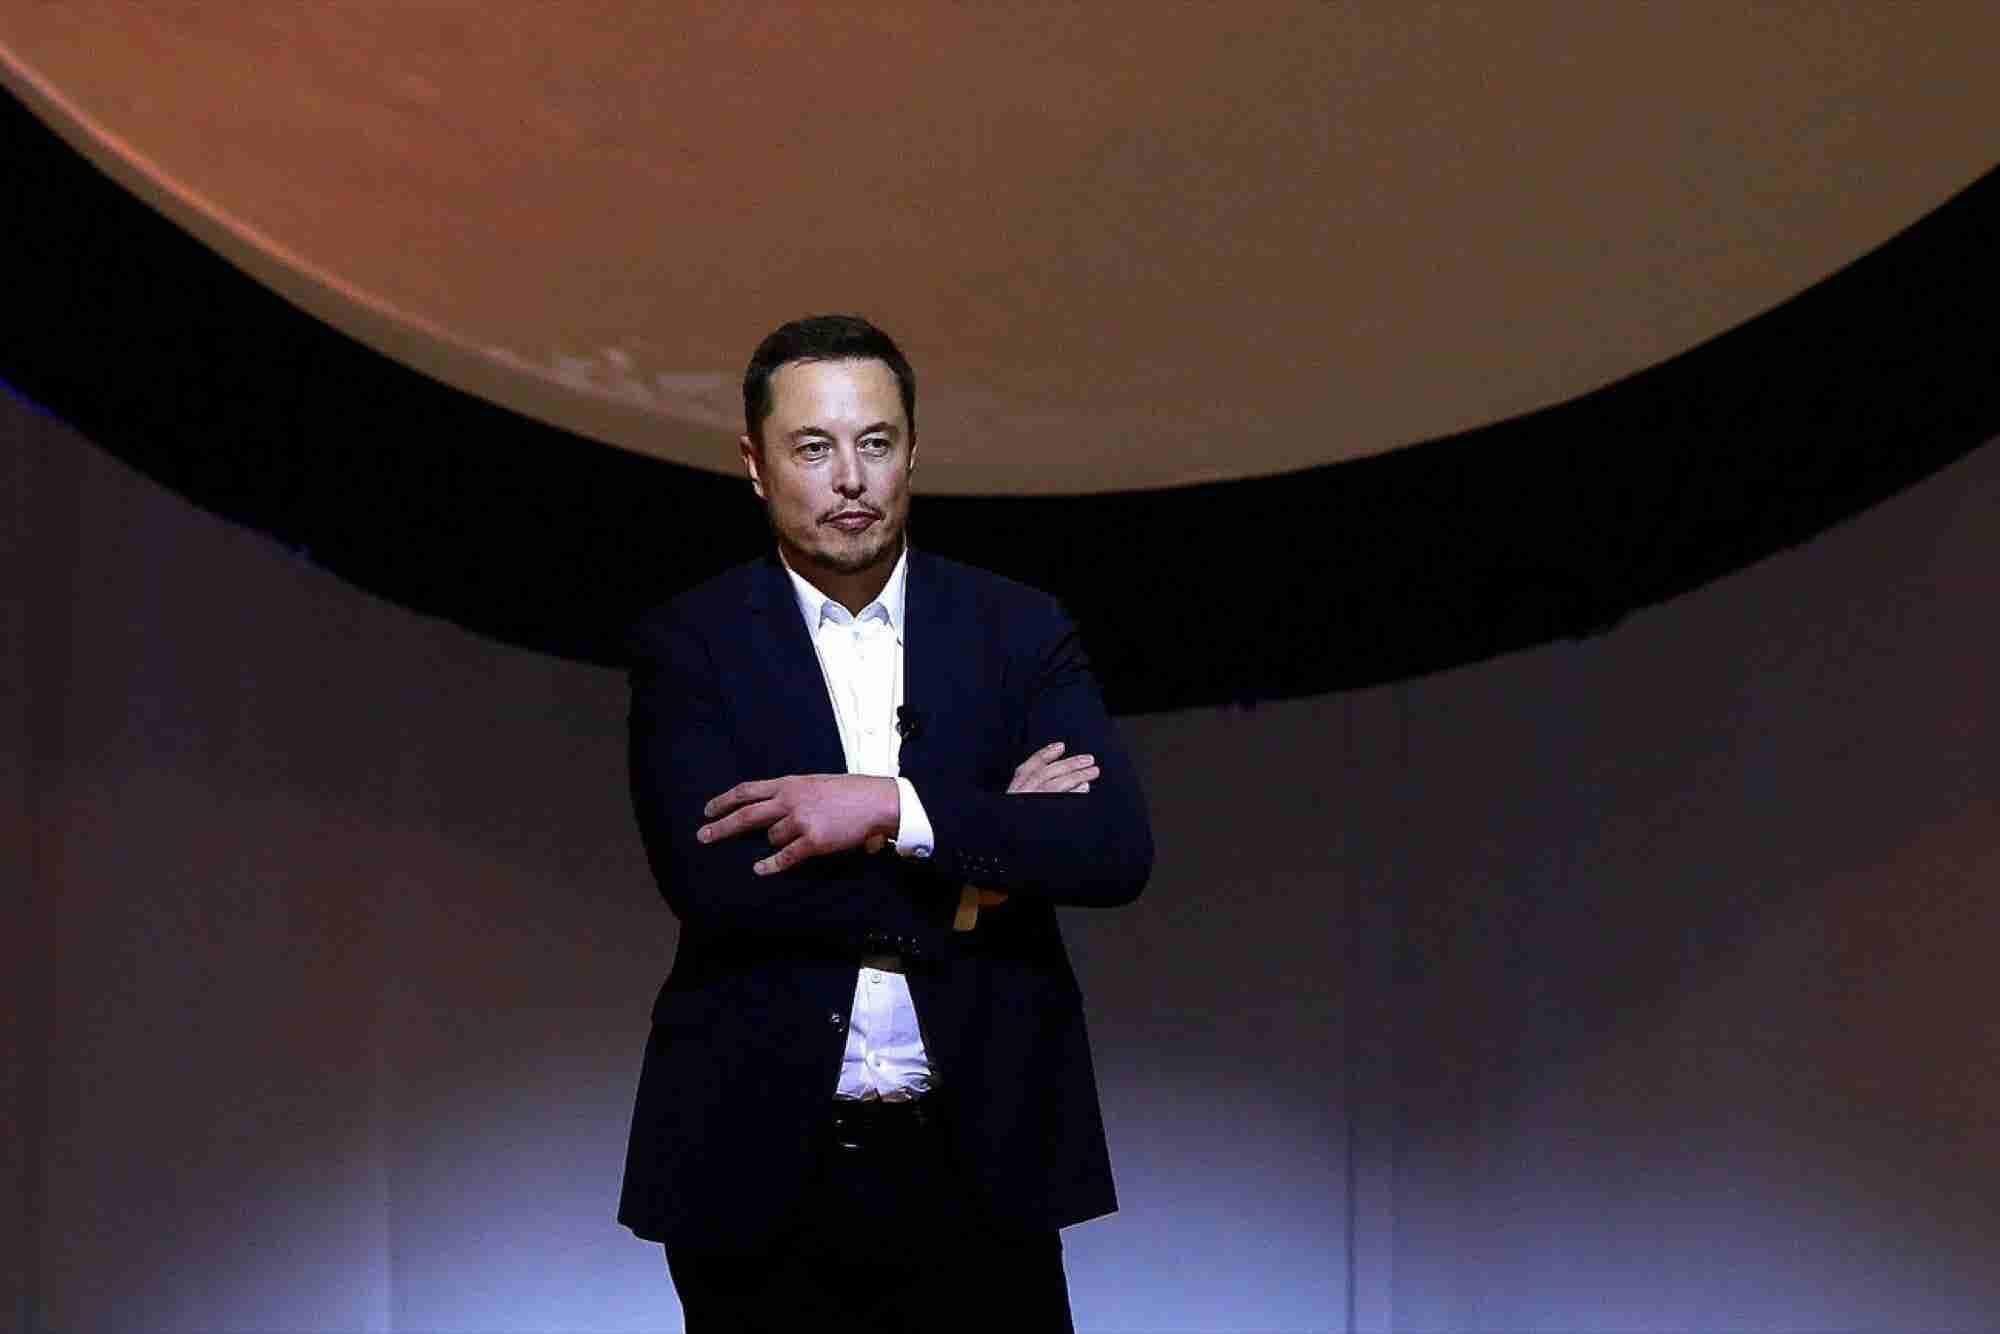 Elon Musk Brings His Mars Plan Before the Scientific Community